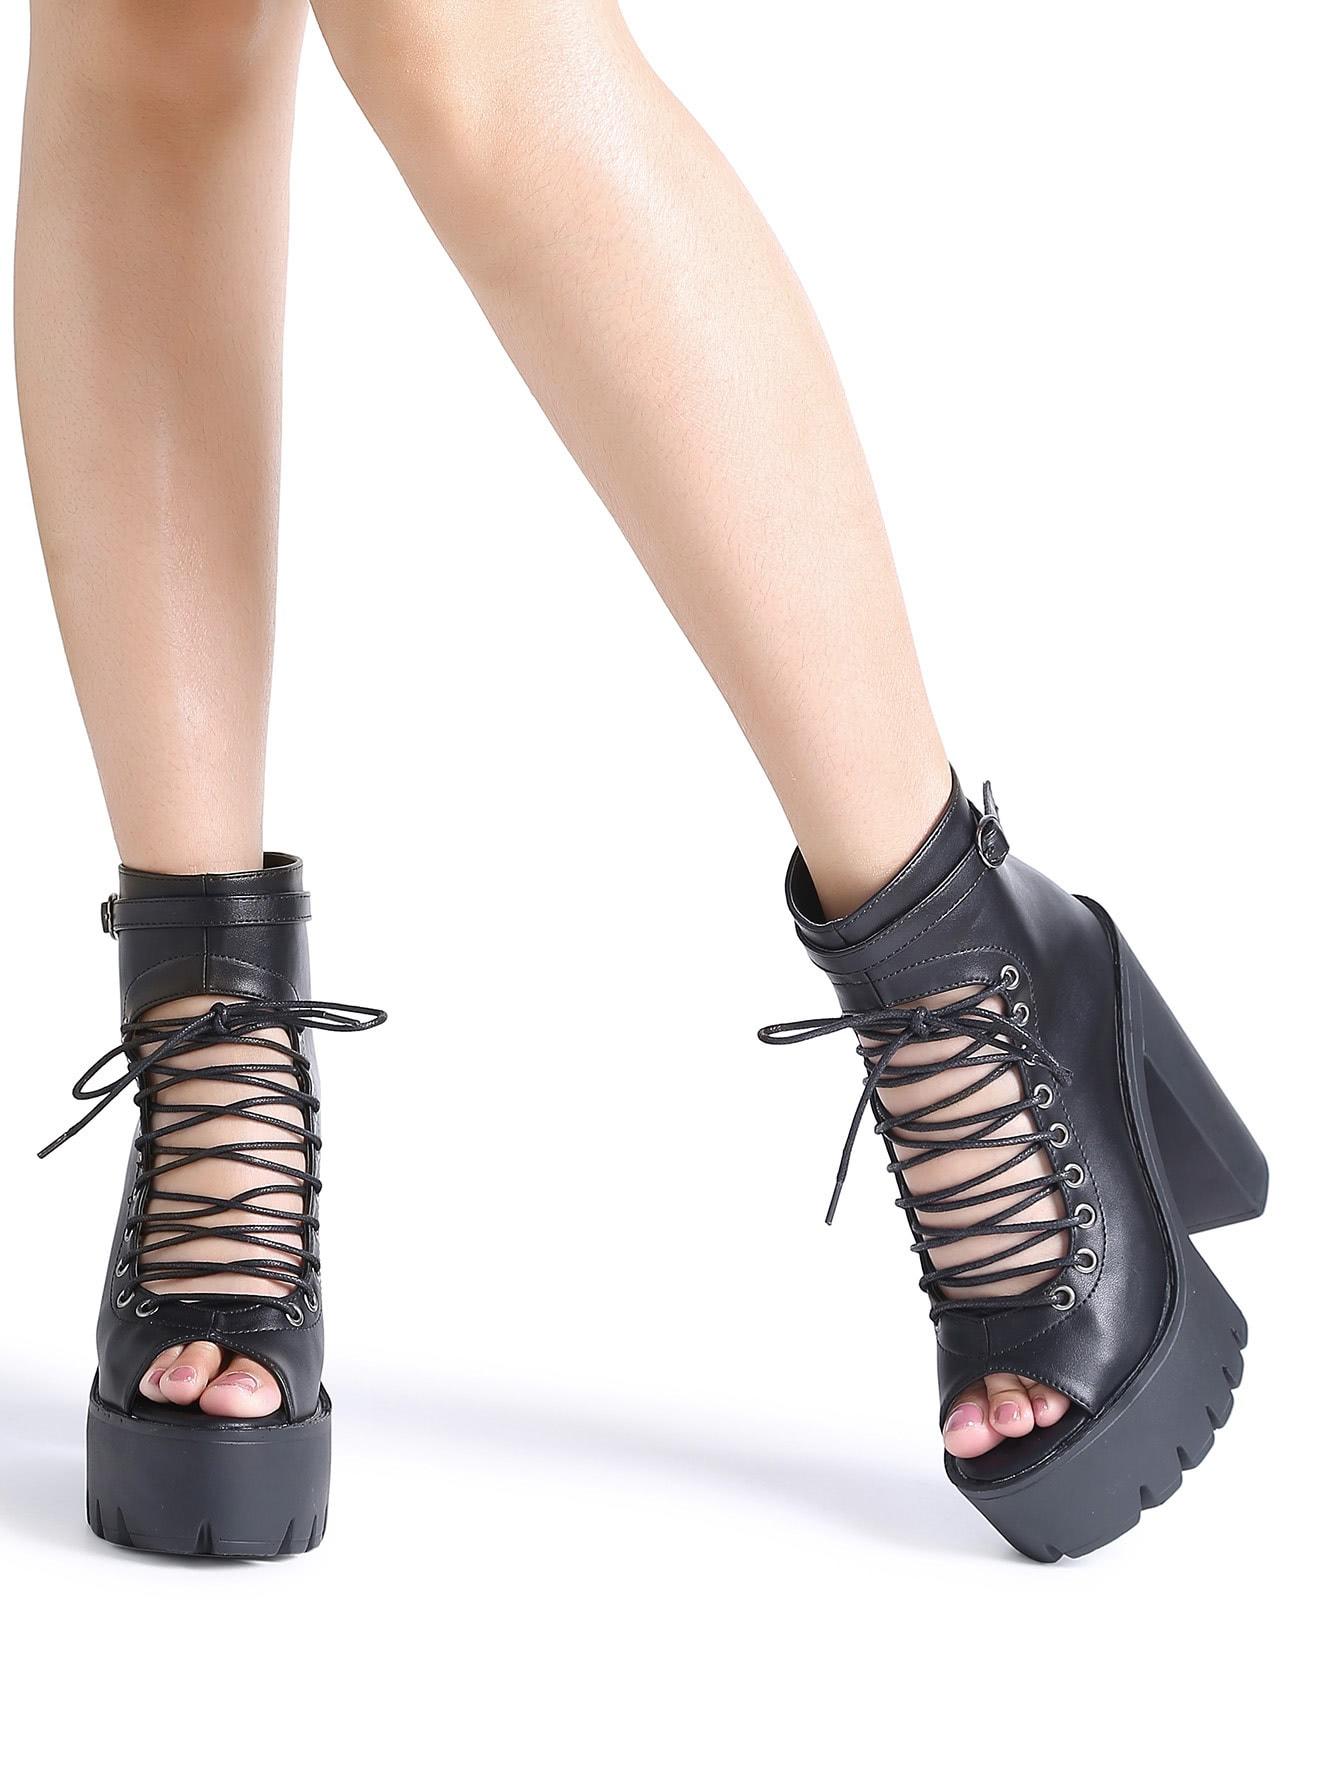 shoes170223804_2